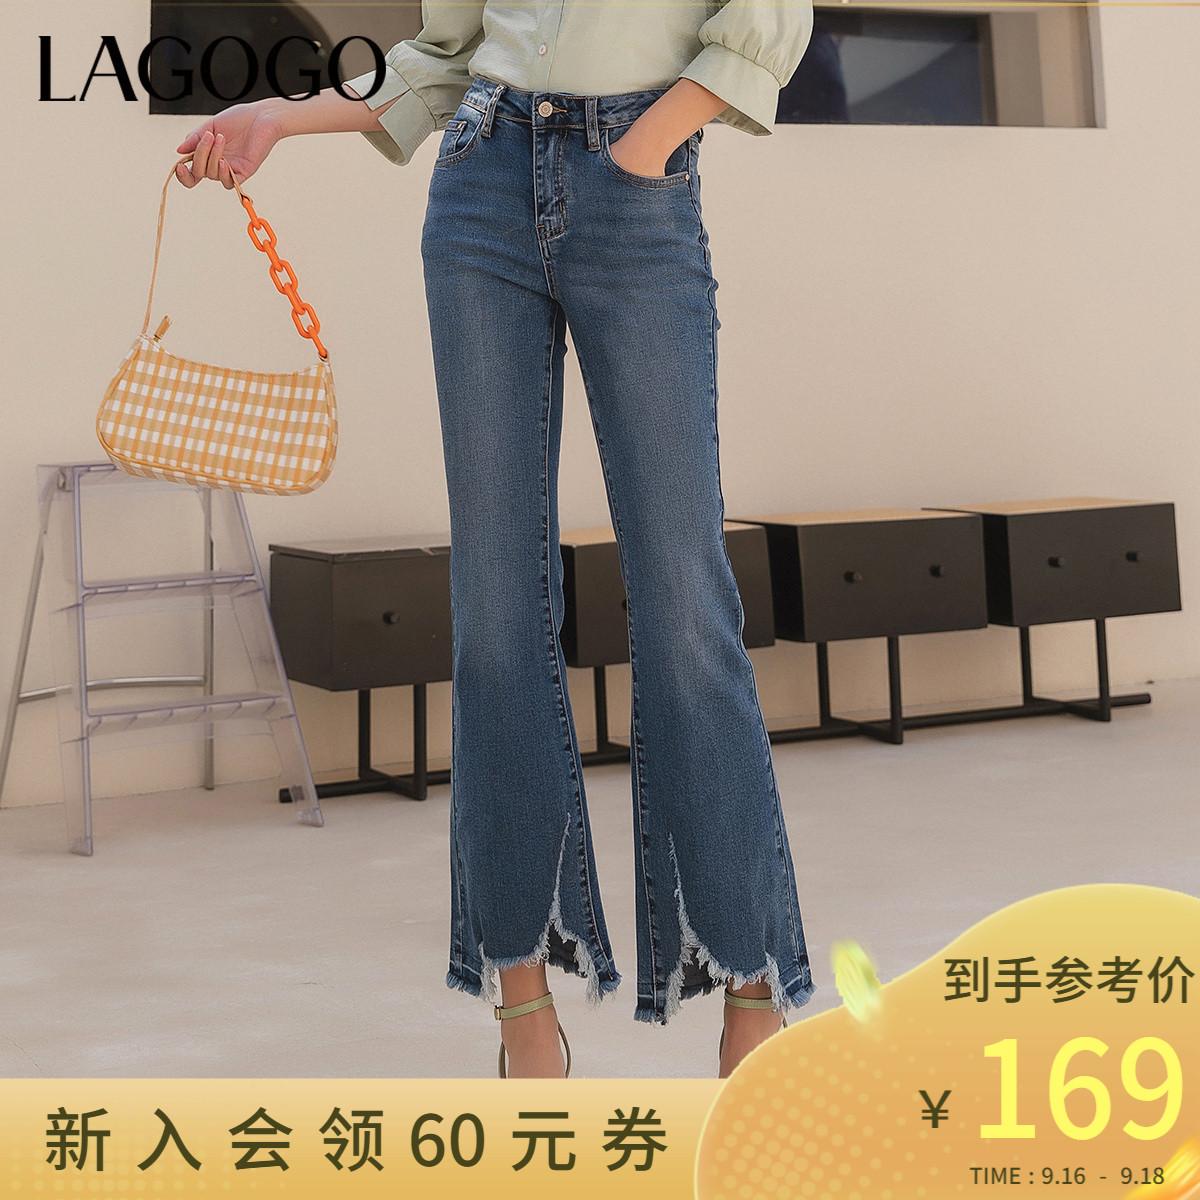 【陈钰琪同款】Lagogo2021夏季新款高腰长裤阔腿微喇撞色牛仔裤女